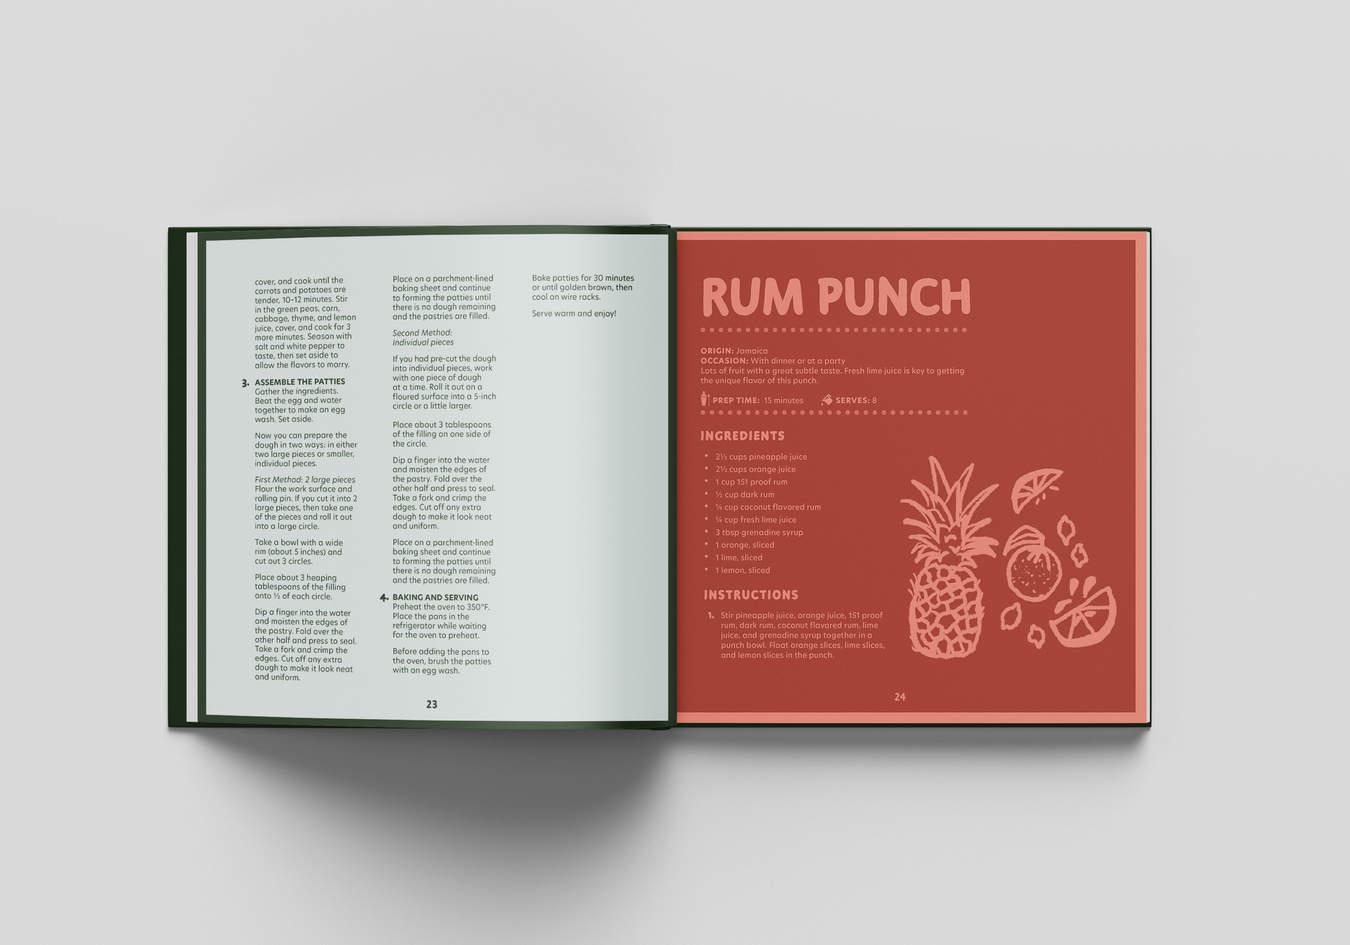 rum punch page mockup.jpg